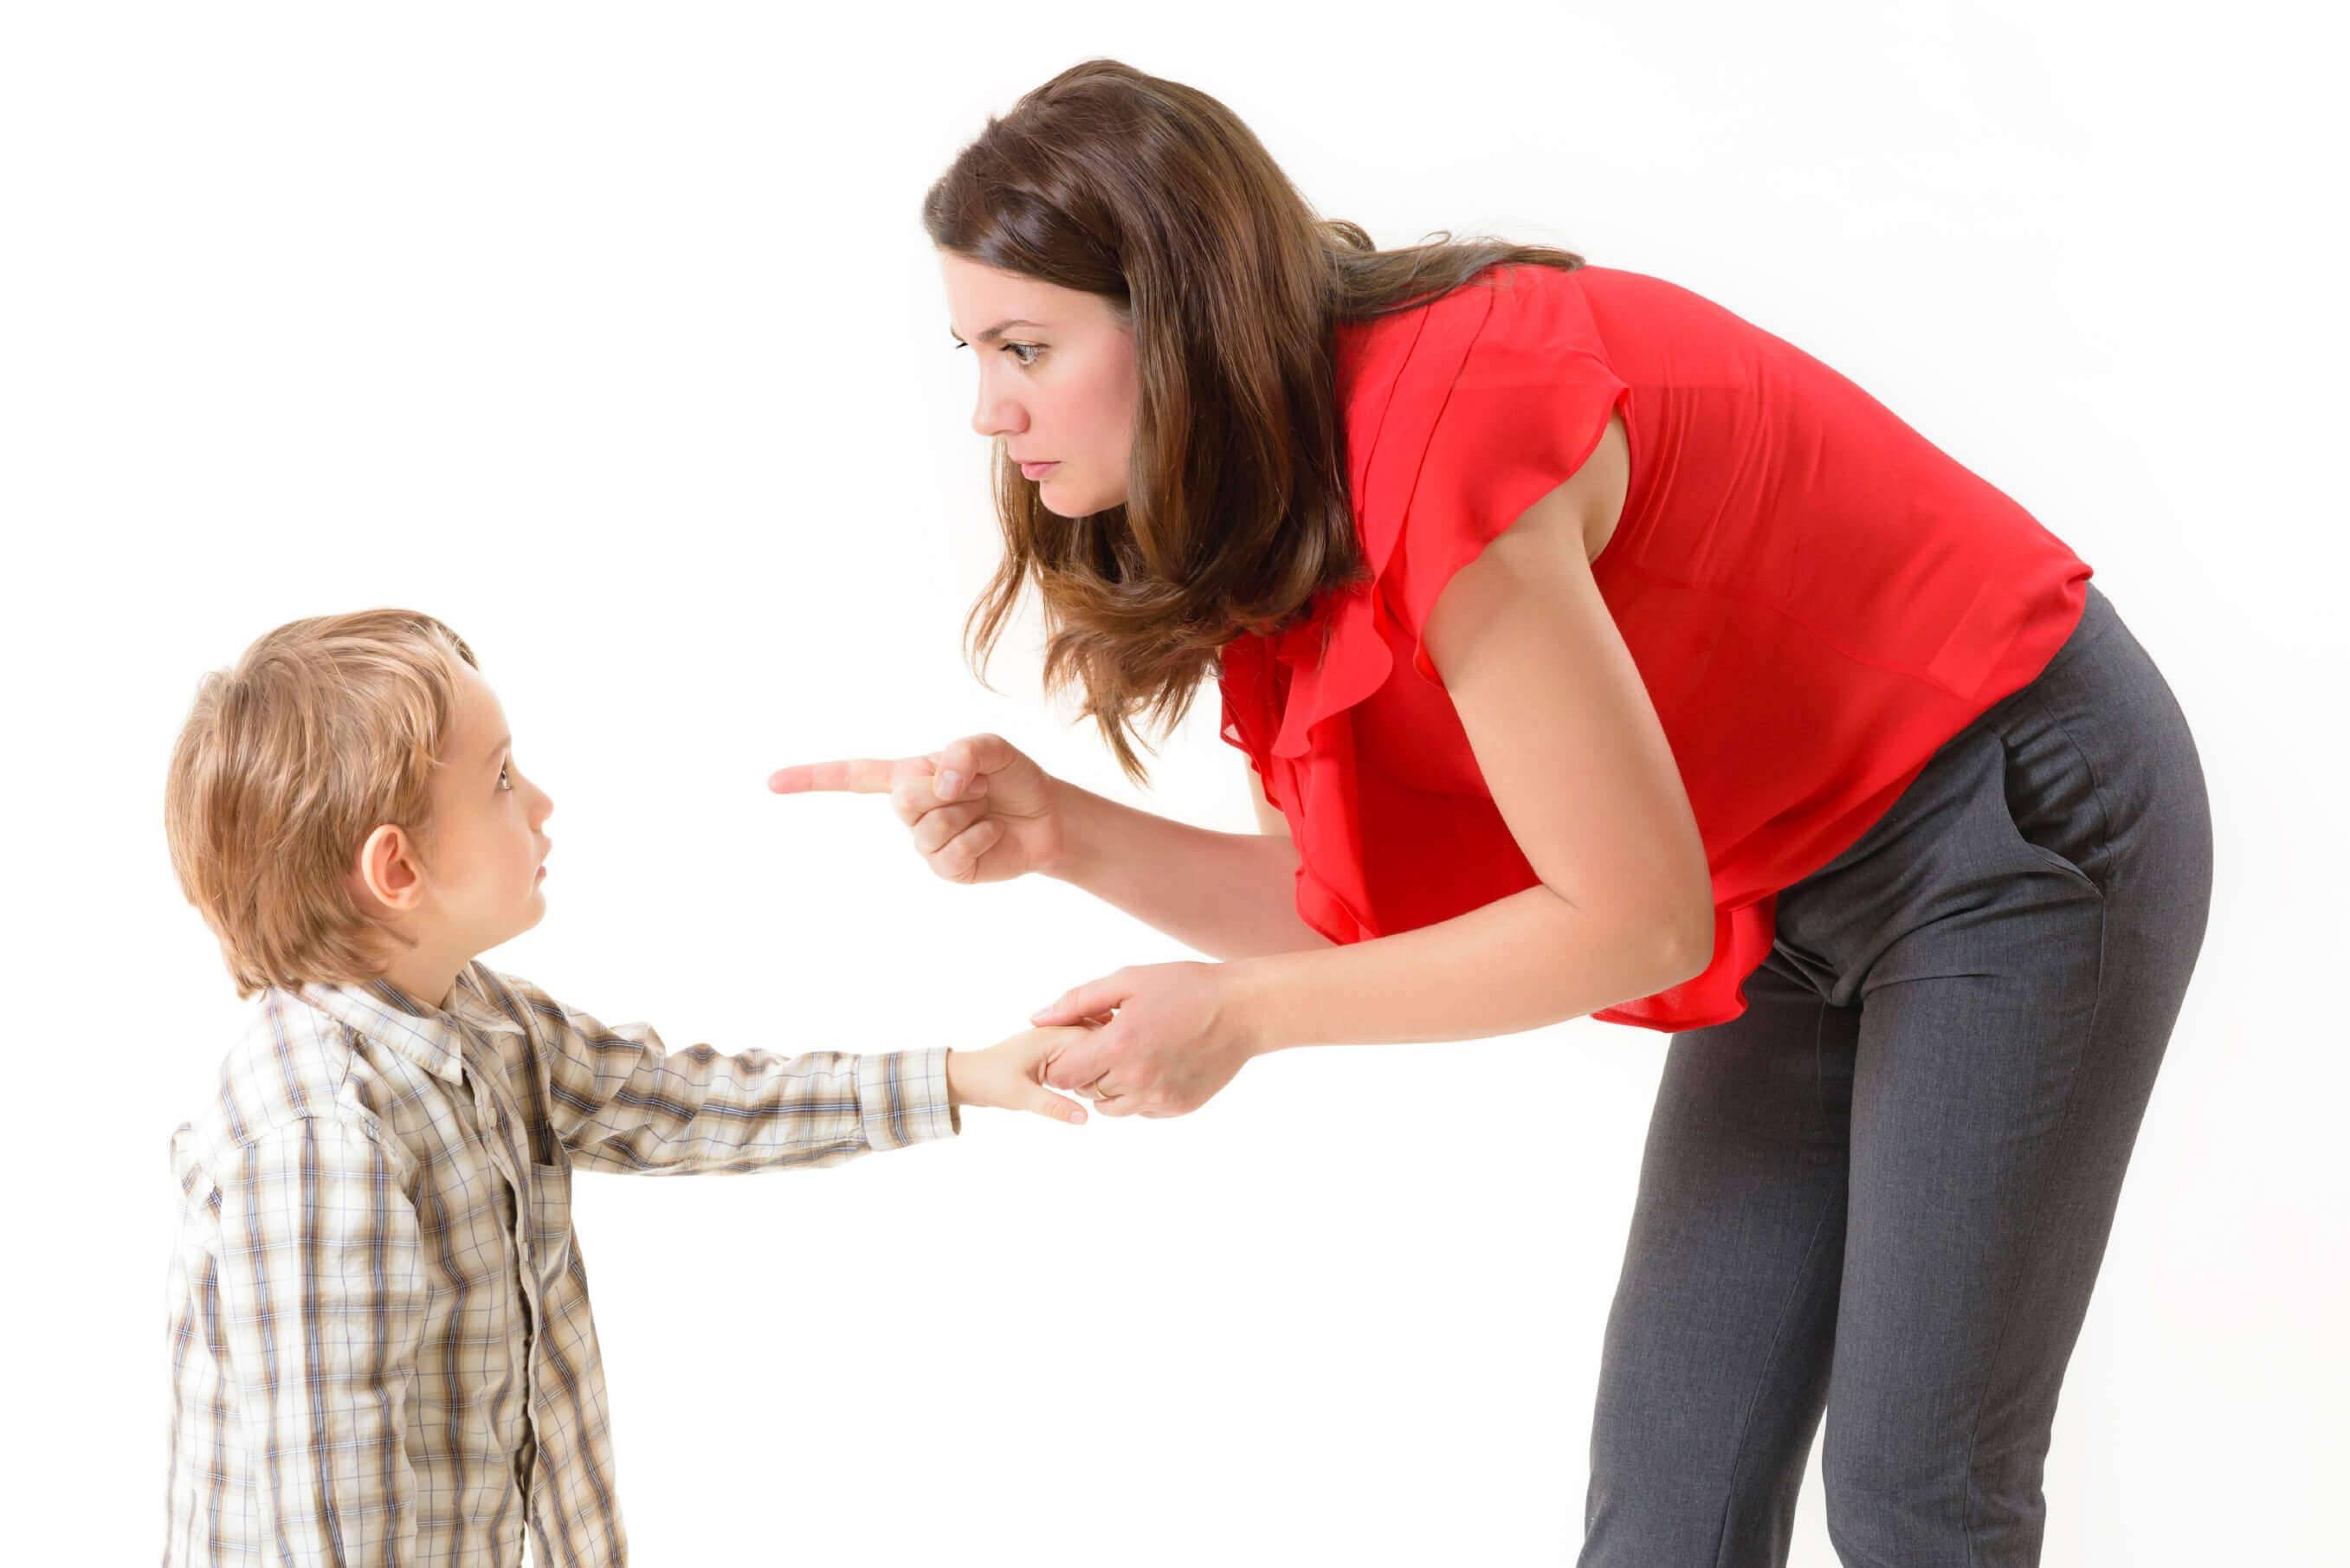 Ребёнок 6 лет, неуправляемый, плохо ведёт себя, не слушается – помощь специалиста | отношений.нет